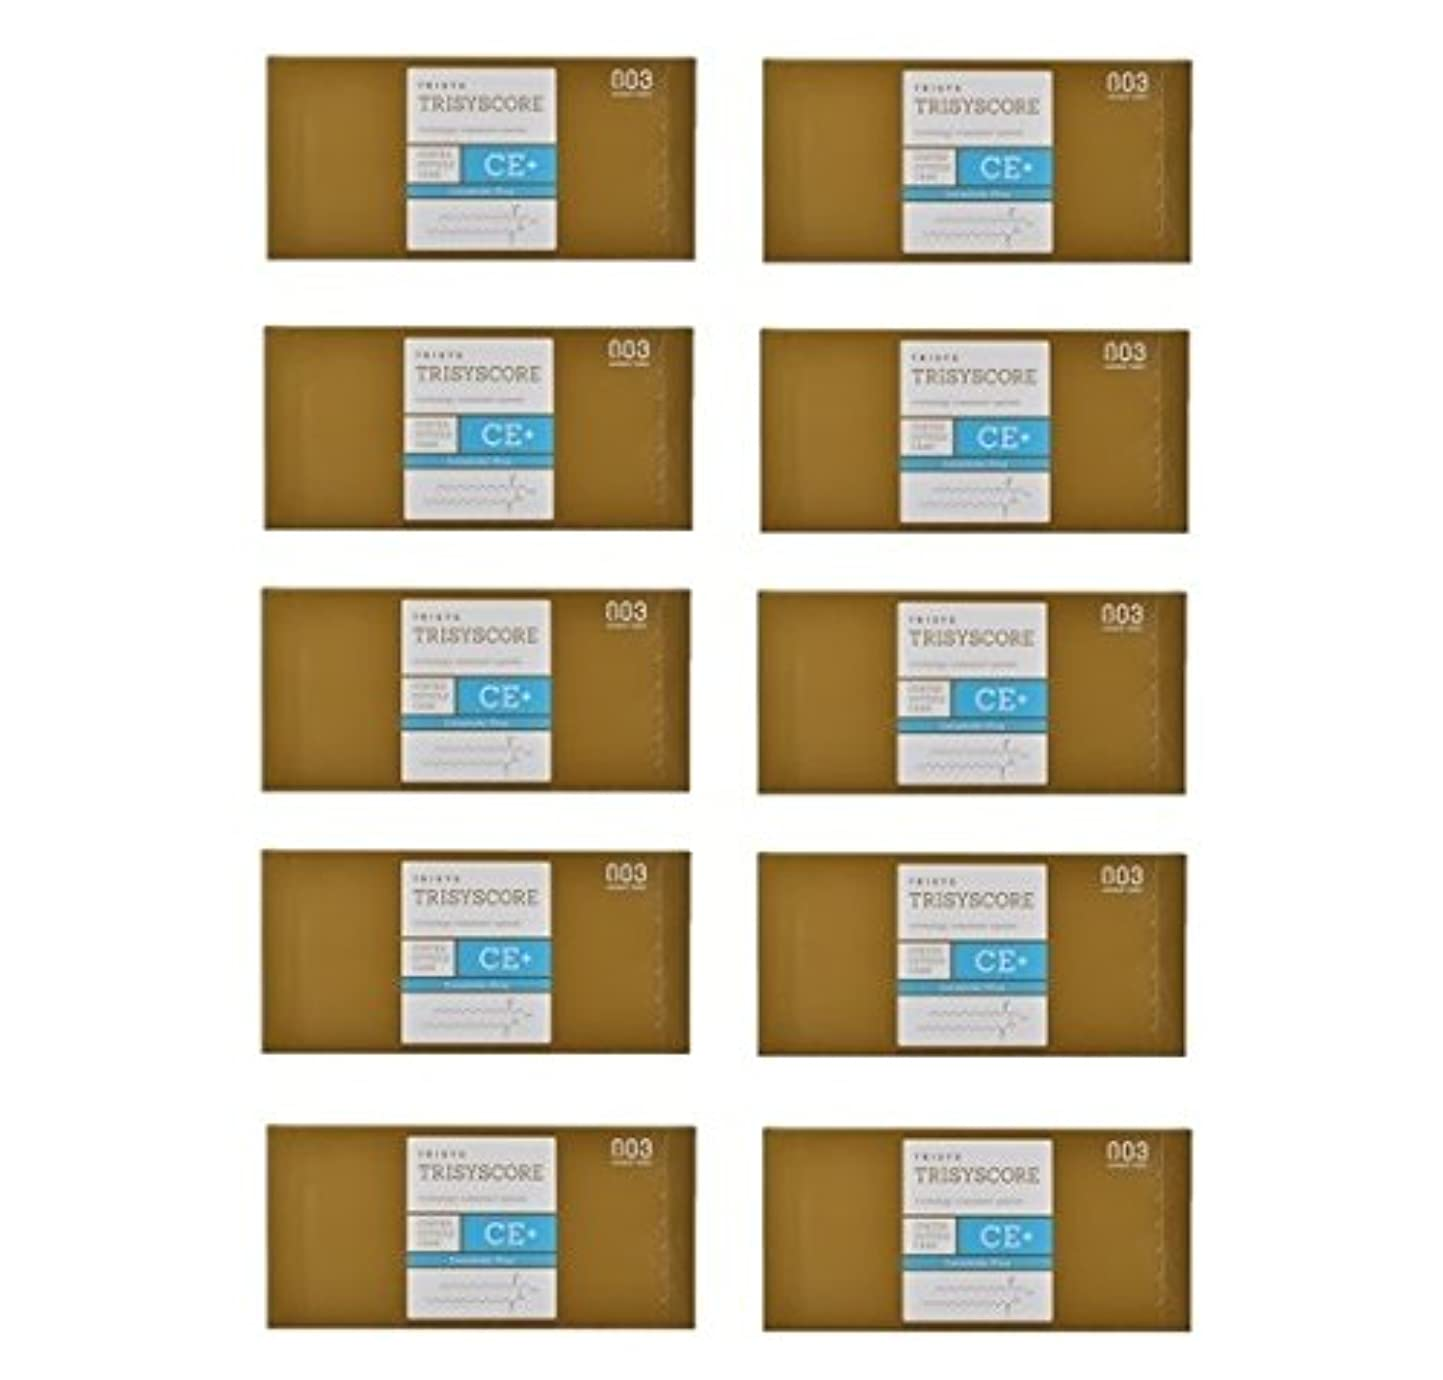 一月換気たまに【X10個セット】ナンバースリー トリシスコア CEプラス (ヘアトリートメント) 12g × 4包入り